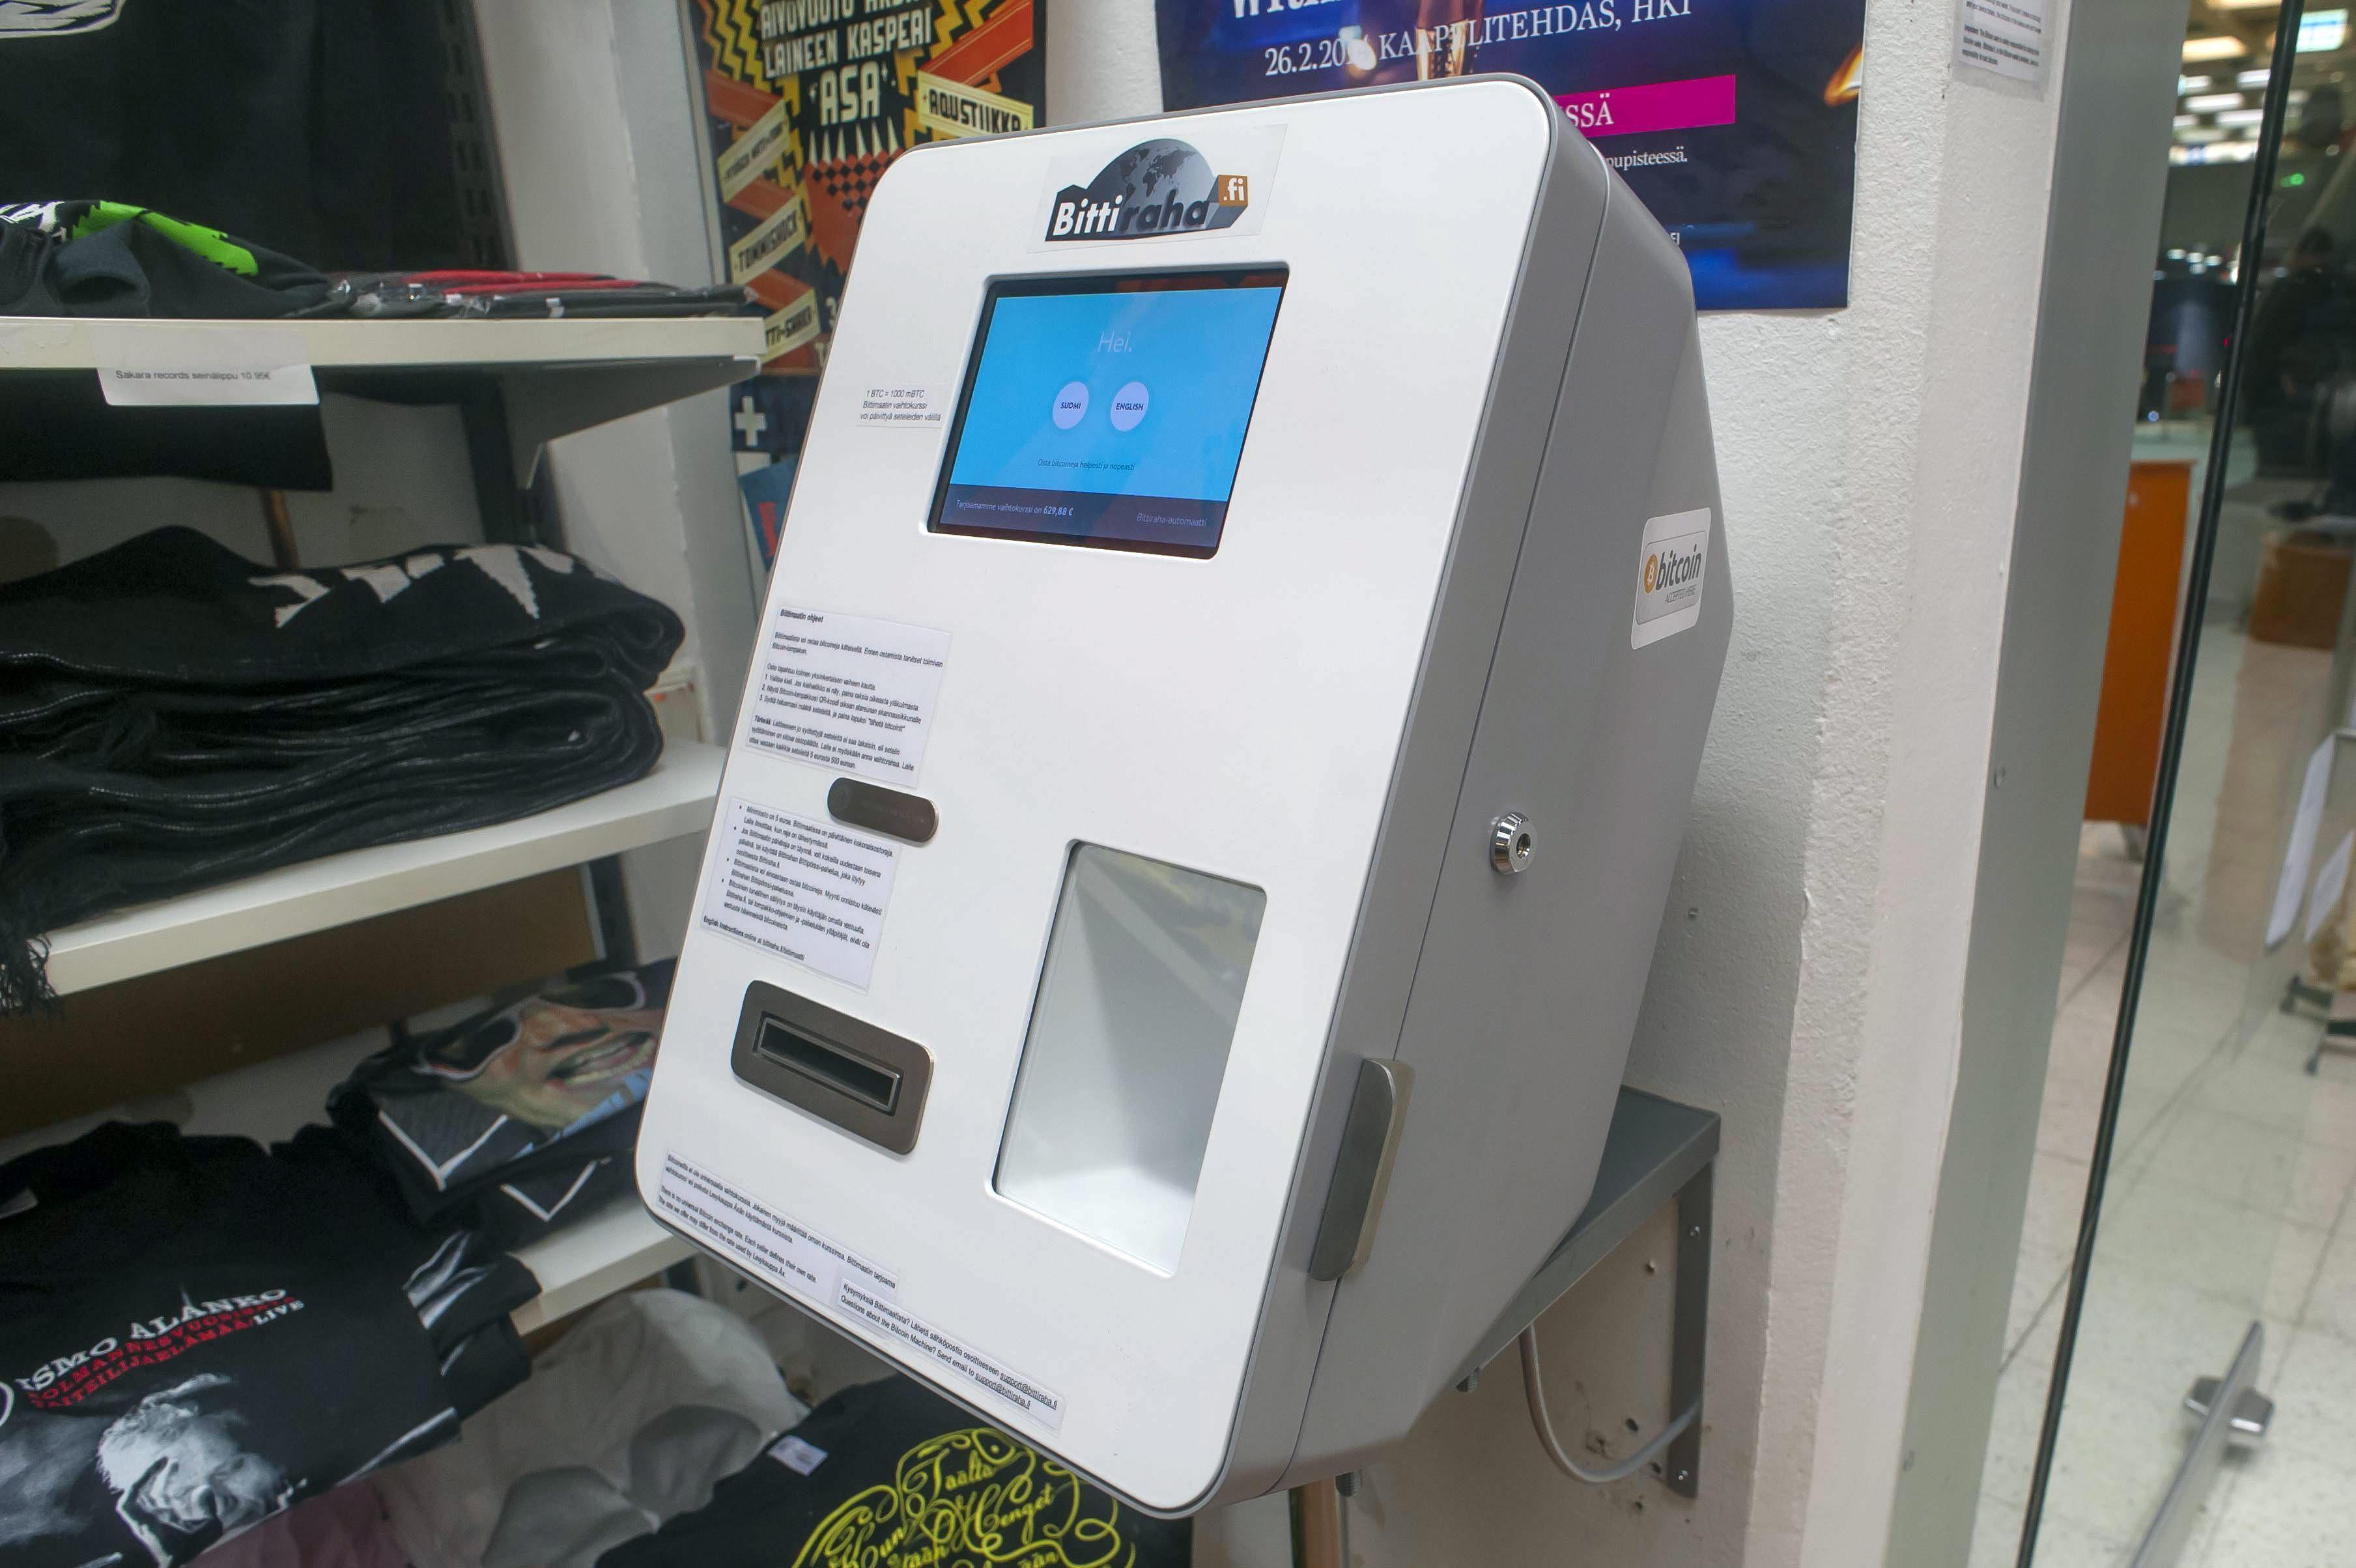 EE.UU. anuncia que el tratamiento fiscal de bitcoin será como propiedad y no como divisa